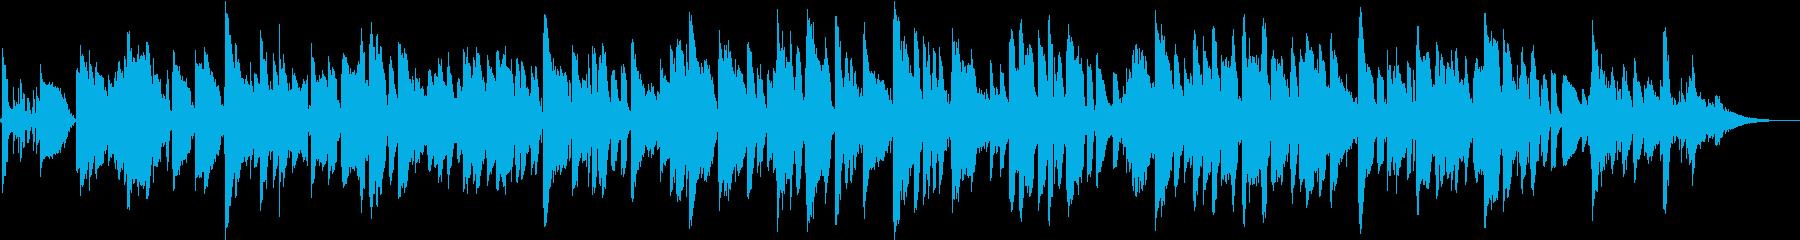 ふるさと ジャズワルツ リラックスギターの再生済みの波形